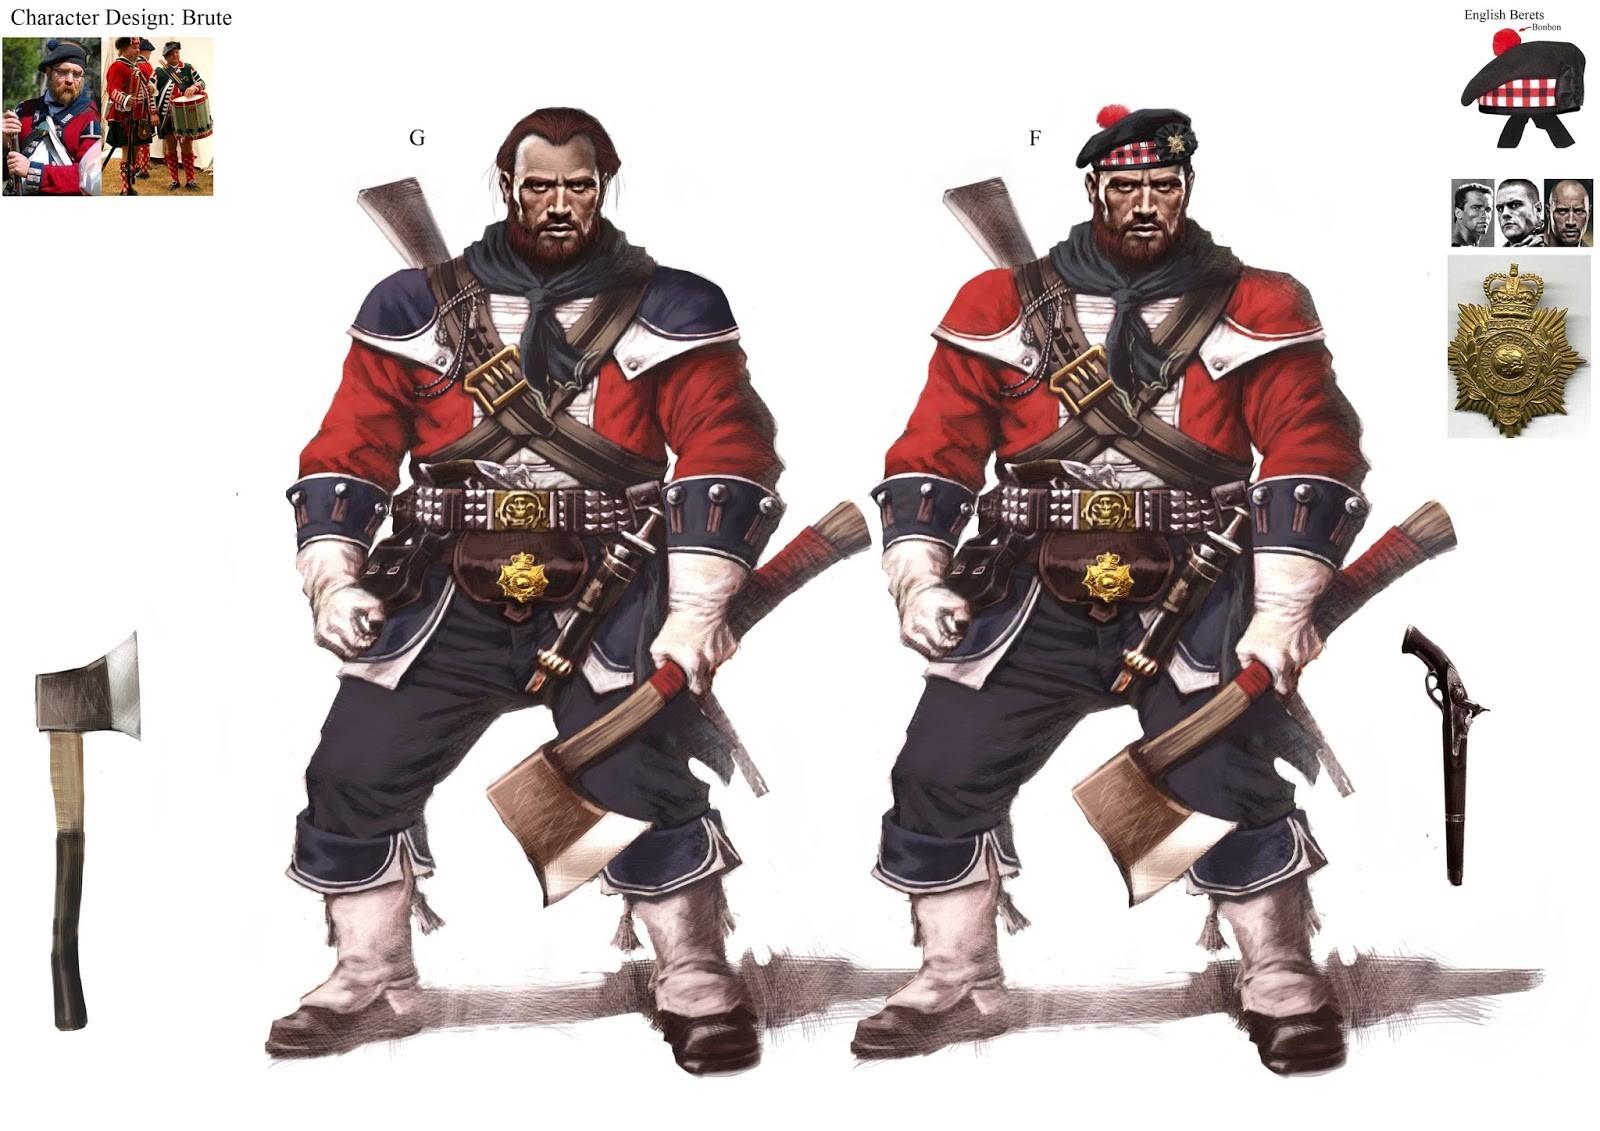 jing-cherng-wong-ac3-ch-brute01d-jing-cherng-wong